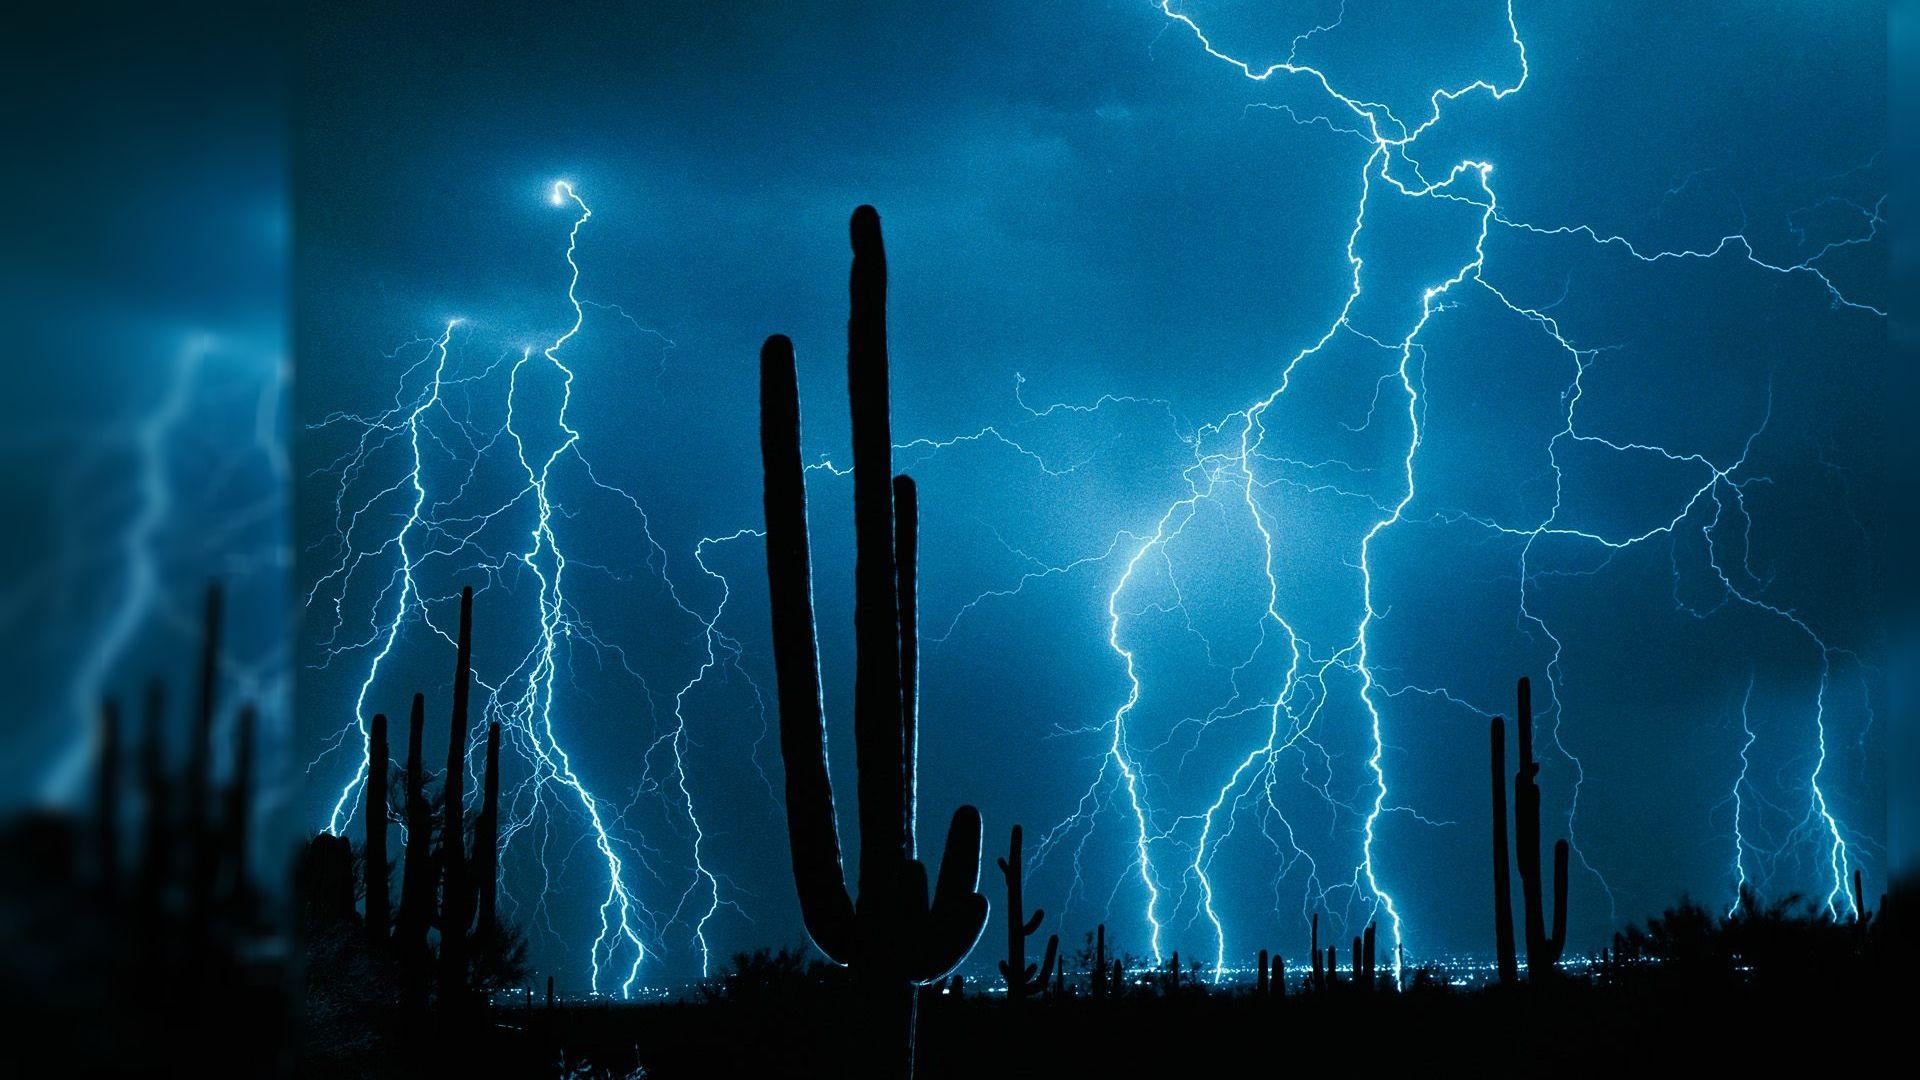 lightening storm over the desert   40 Live Wallpapers In 4K Full HD For Free Download   thunder ...